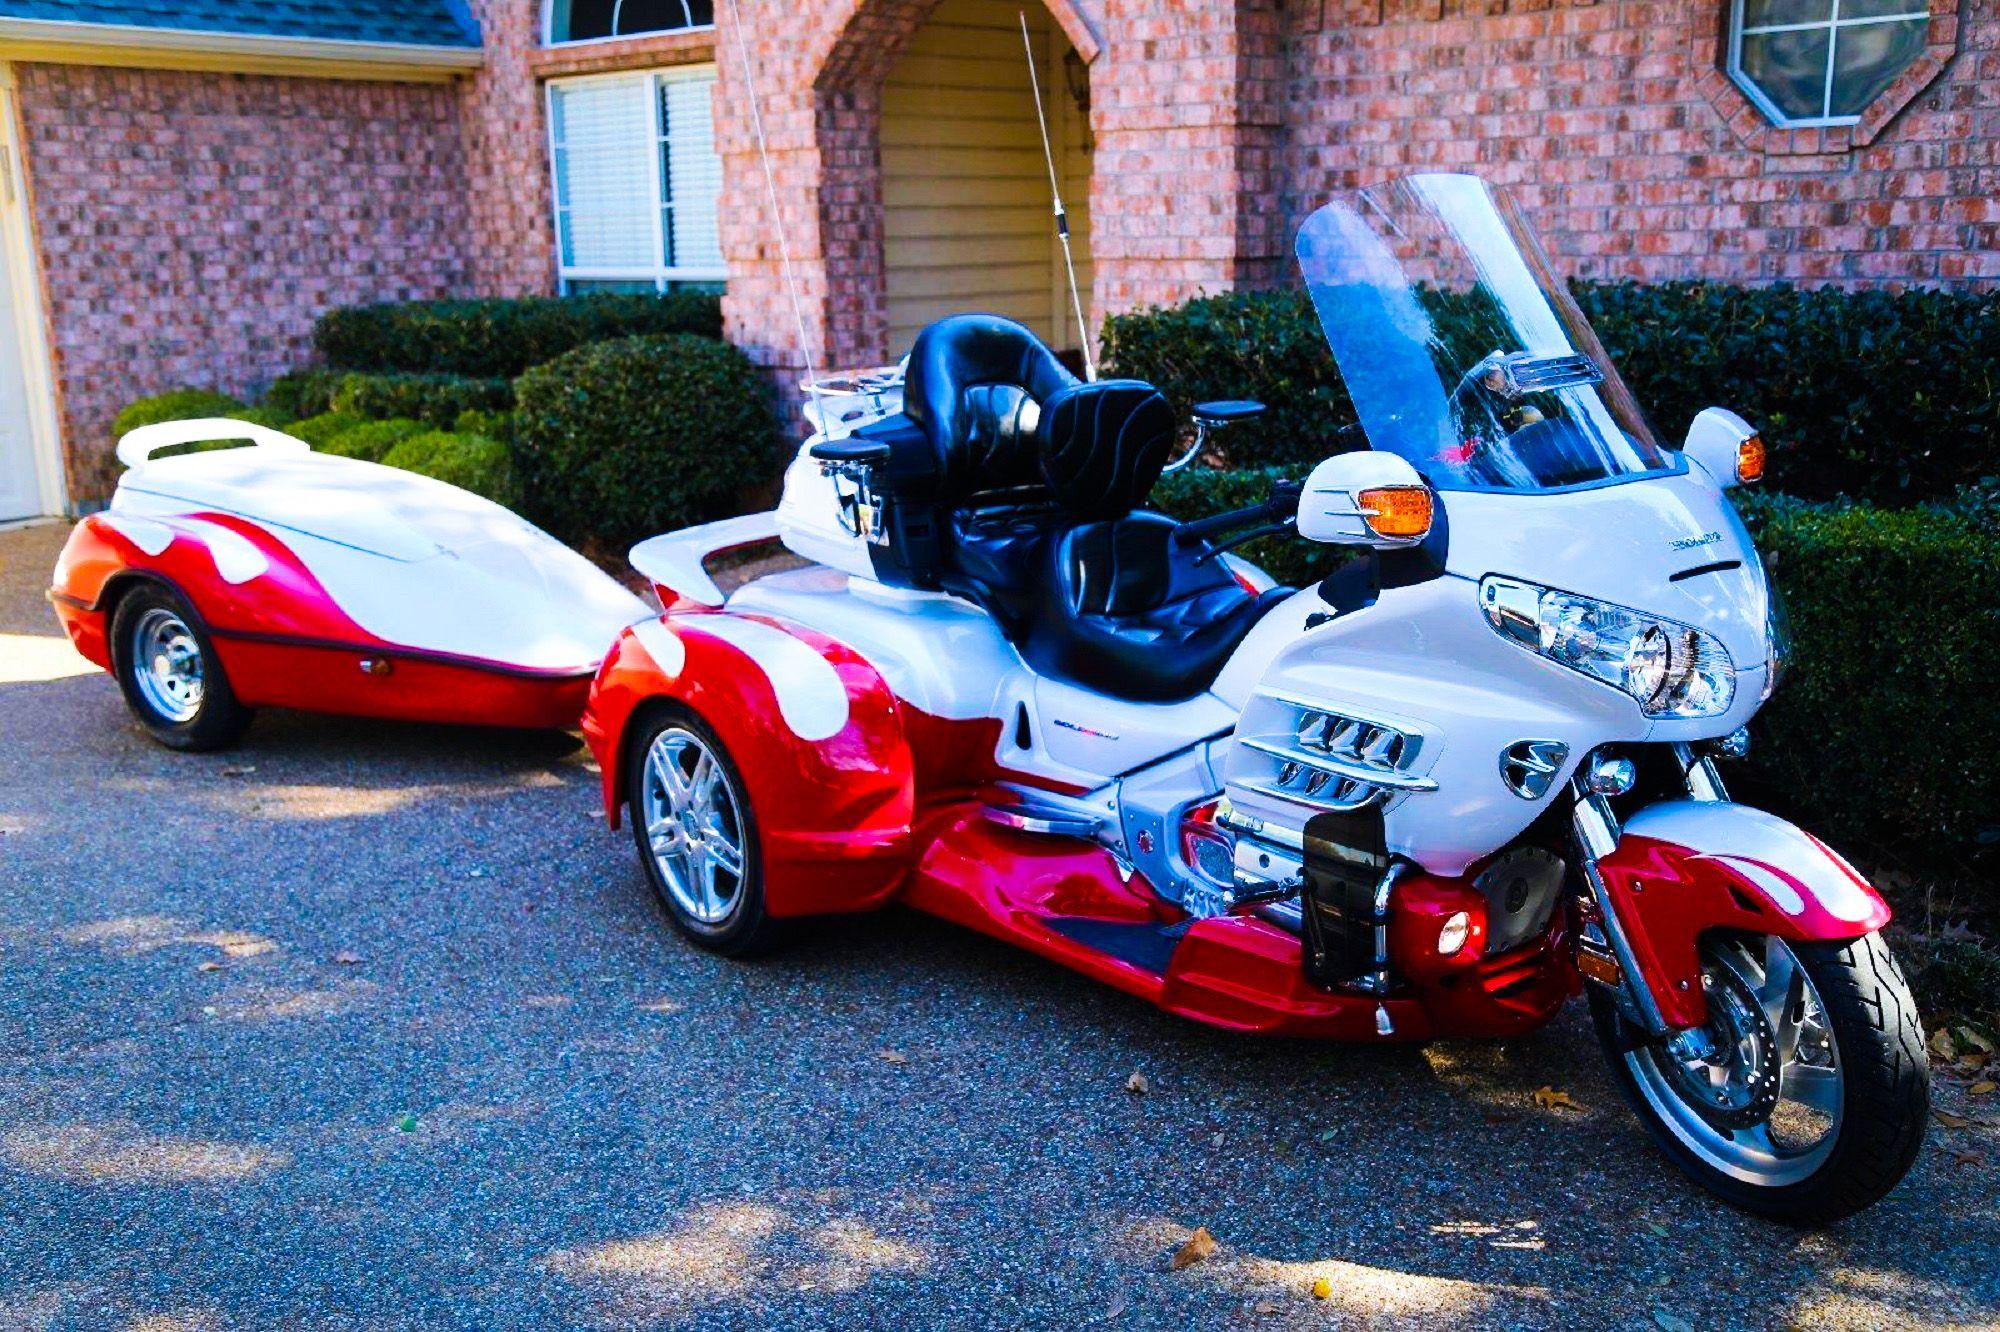 Pin by Ken Williams on Trikes | Goldwing trike, Motorcycle, Bike